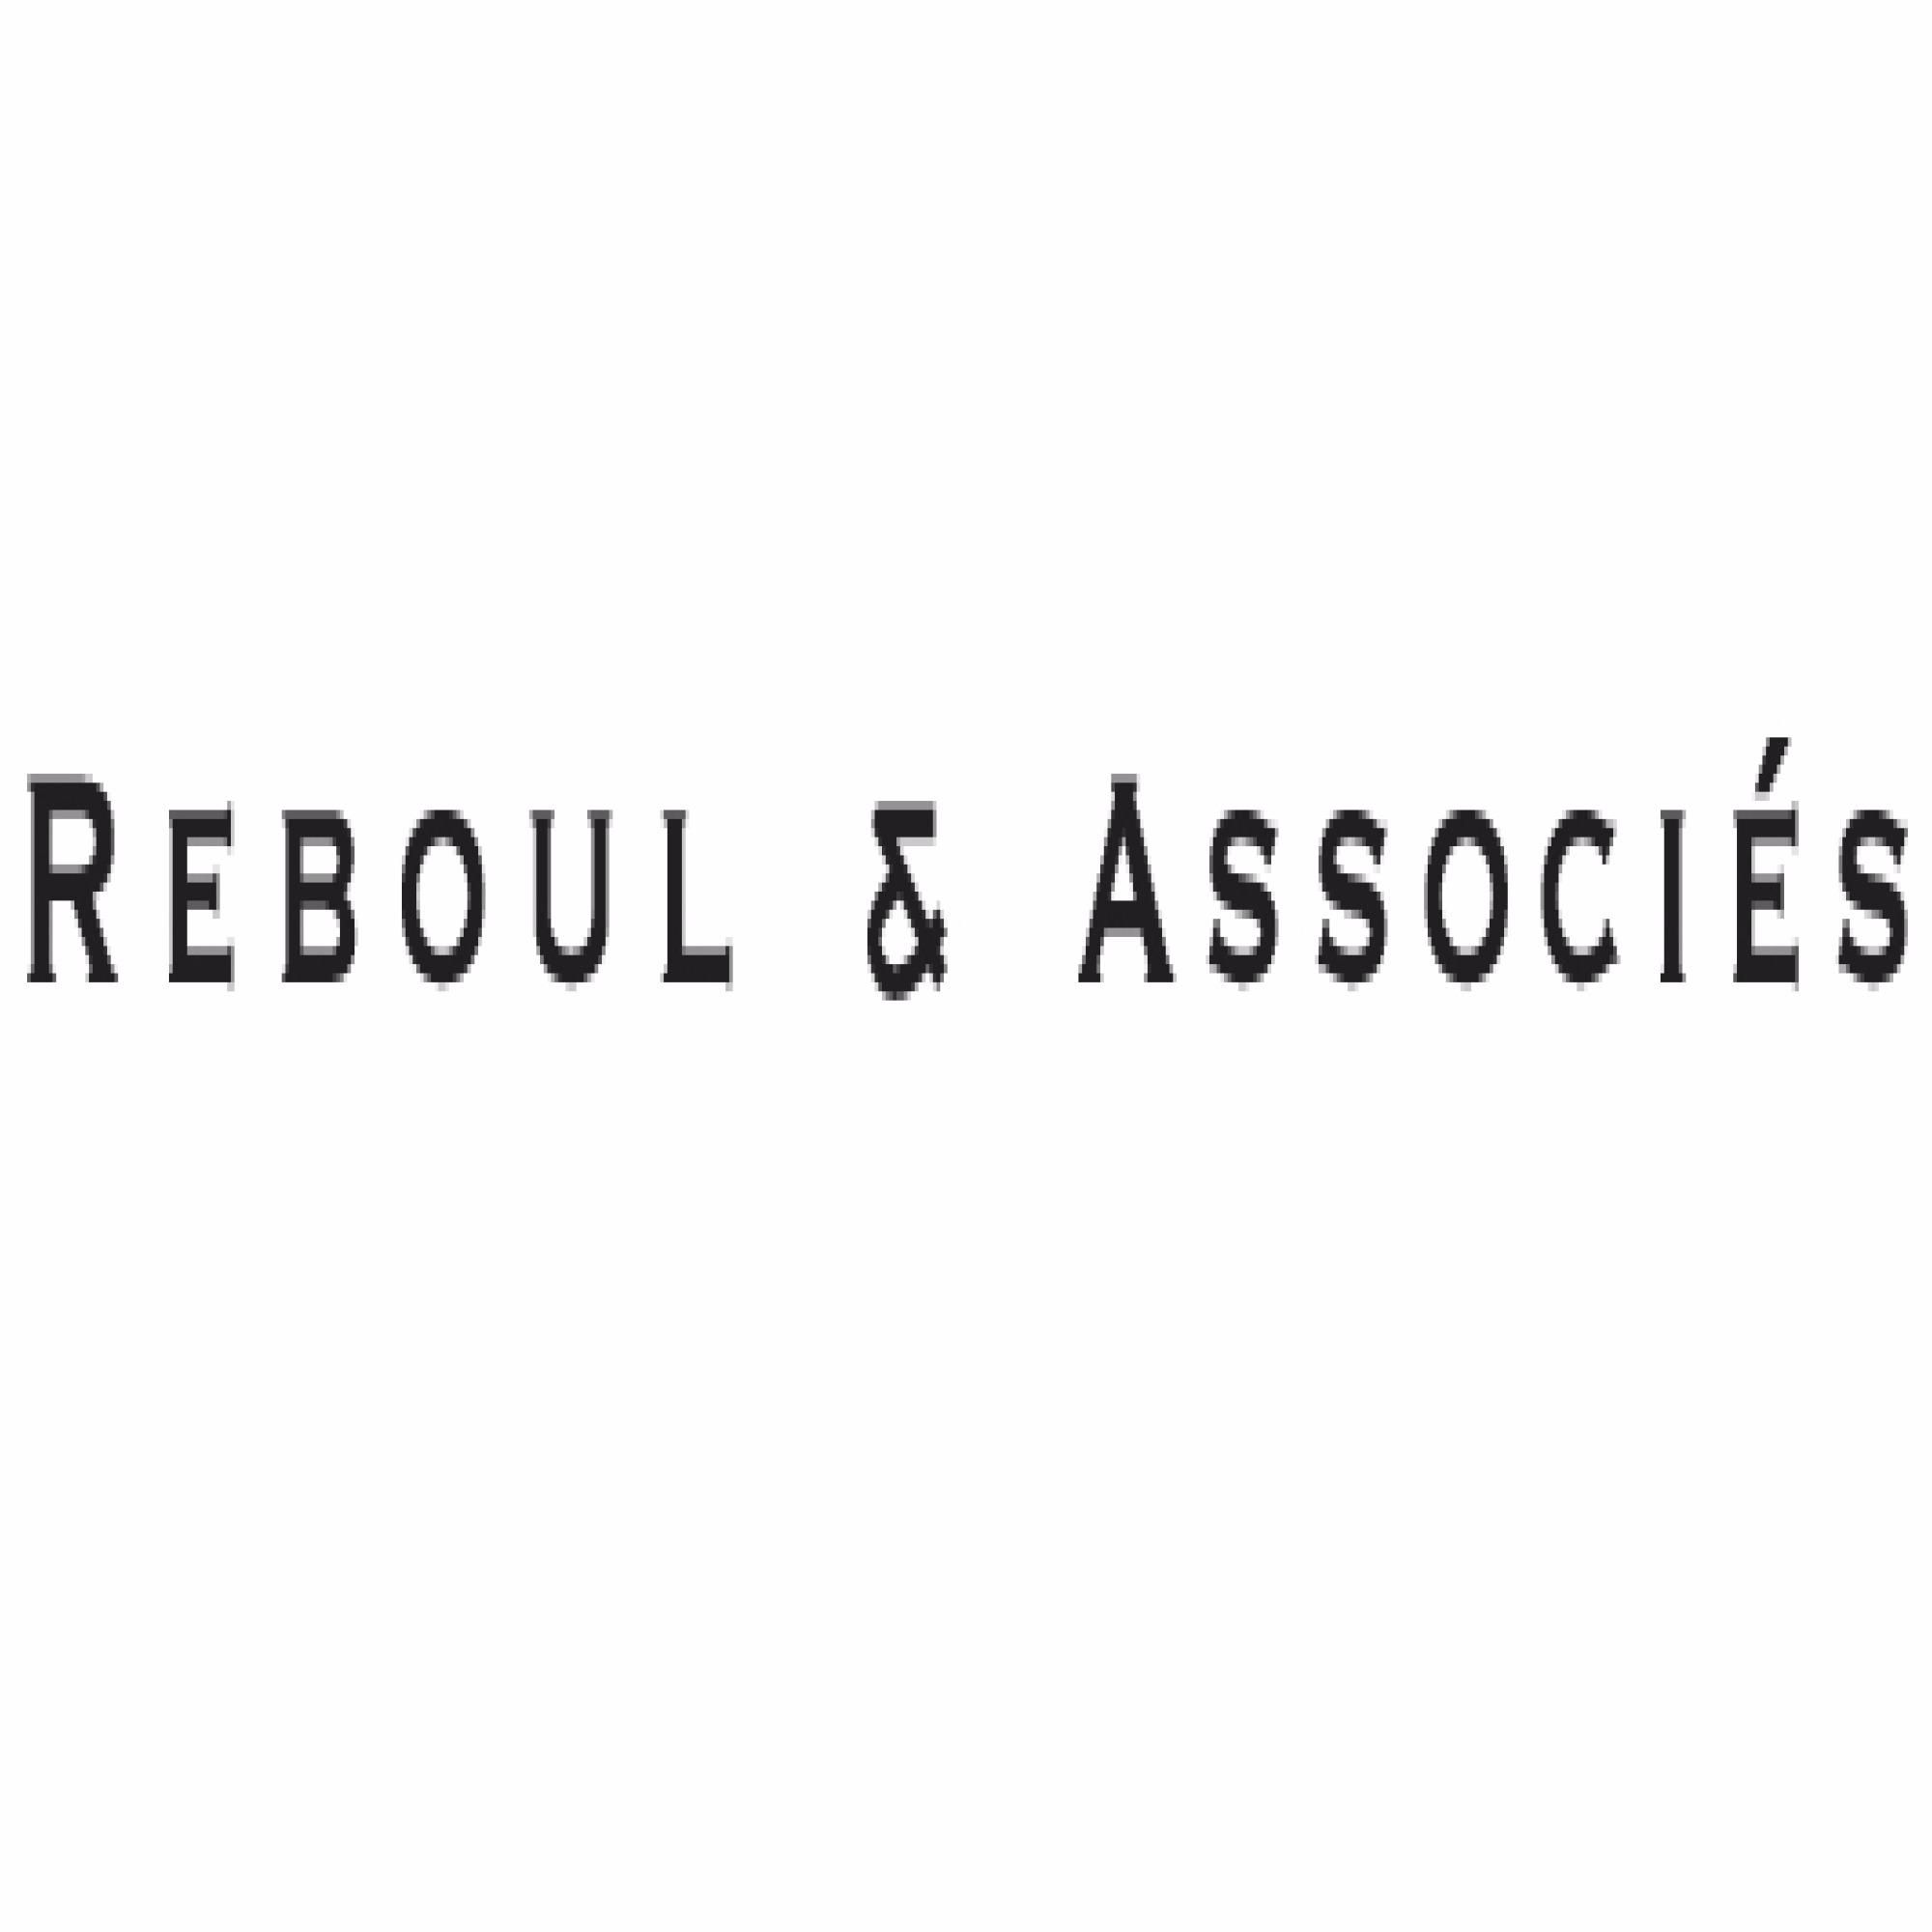 the Reboul & Associés logo.